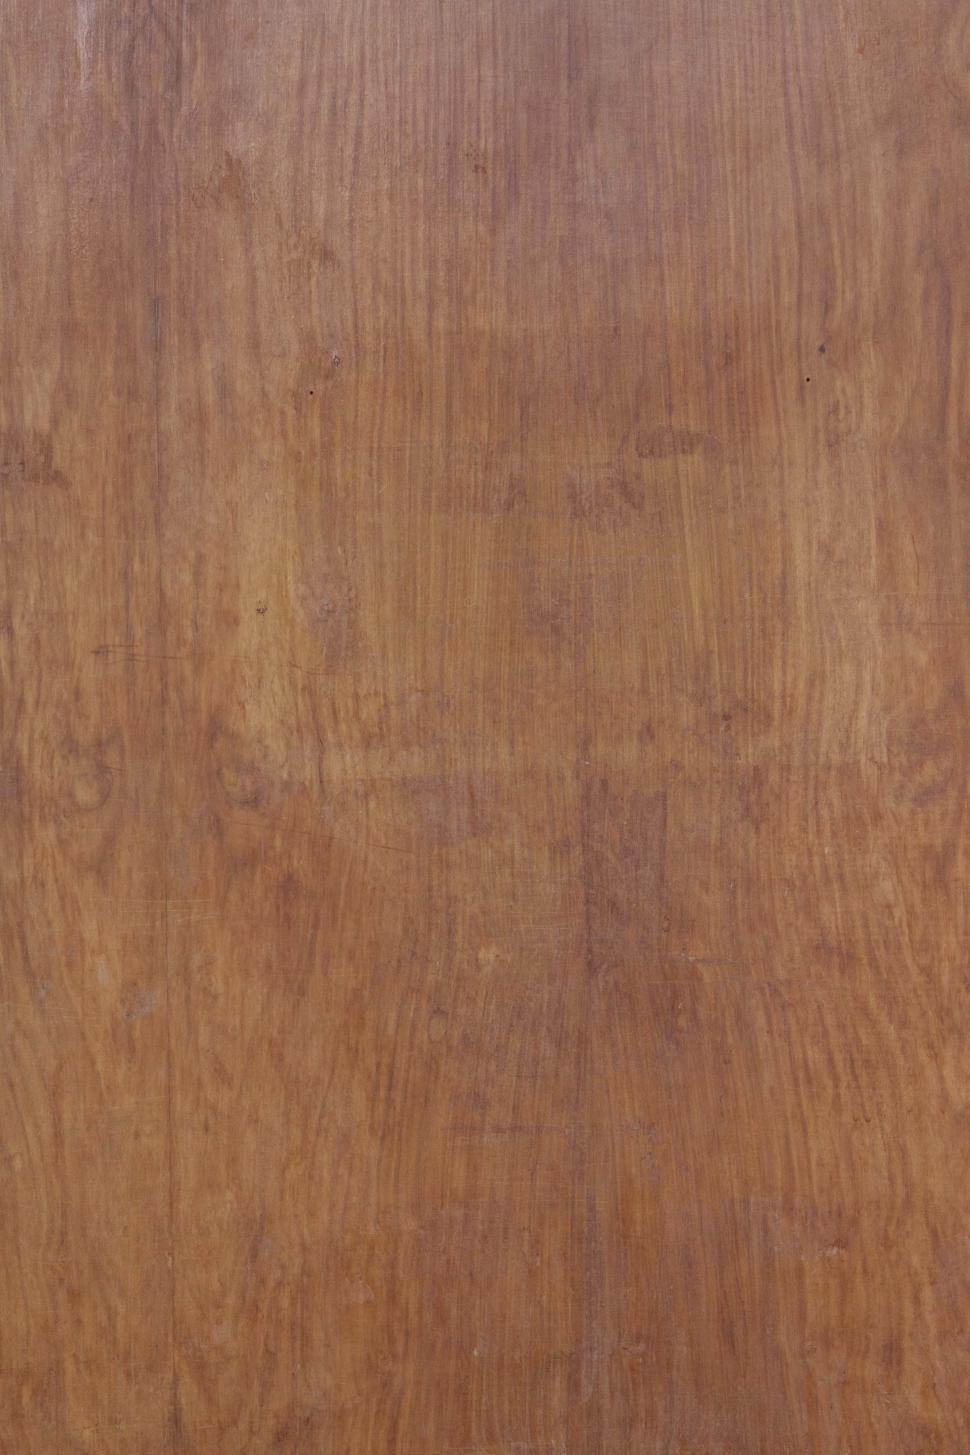 Download Free Stock Photo of Wooden door texture